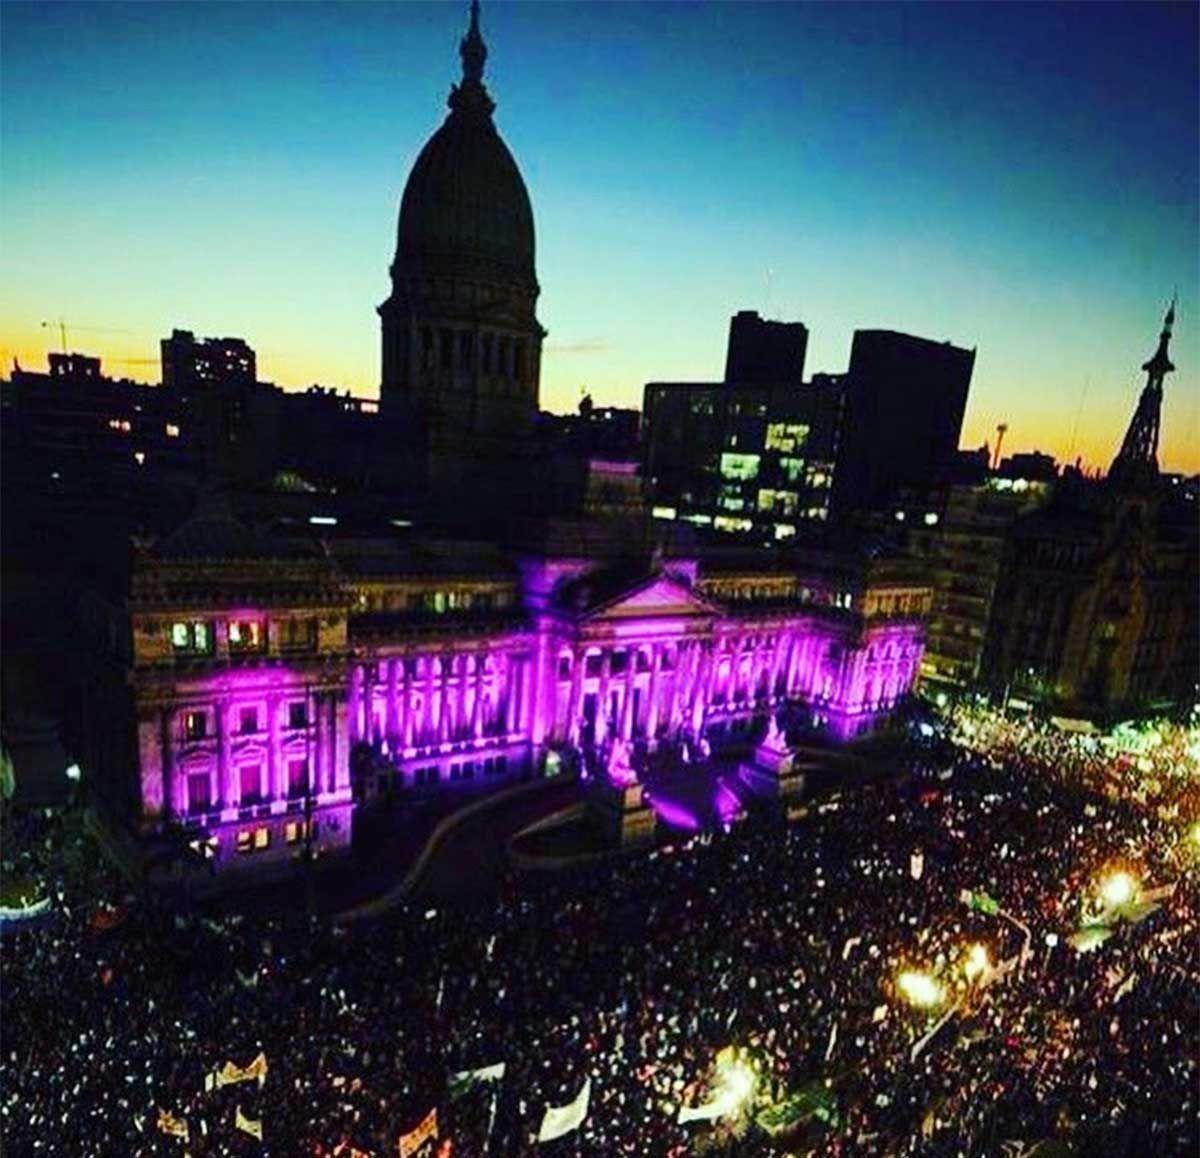 {altText(En el aniversario de la primera marcha de #NiUnaMenos se reclama por el fin de asesinatos de mujeres y personas trans. Los femicidios aumentaron en pandemia.,#NiUnaMenos: durante la pandemia se registraron 238 femicidios)}